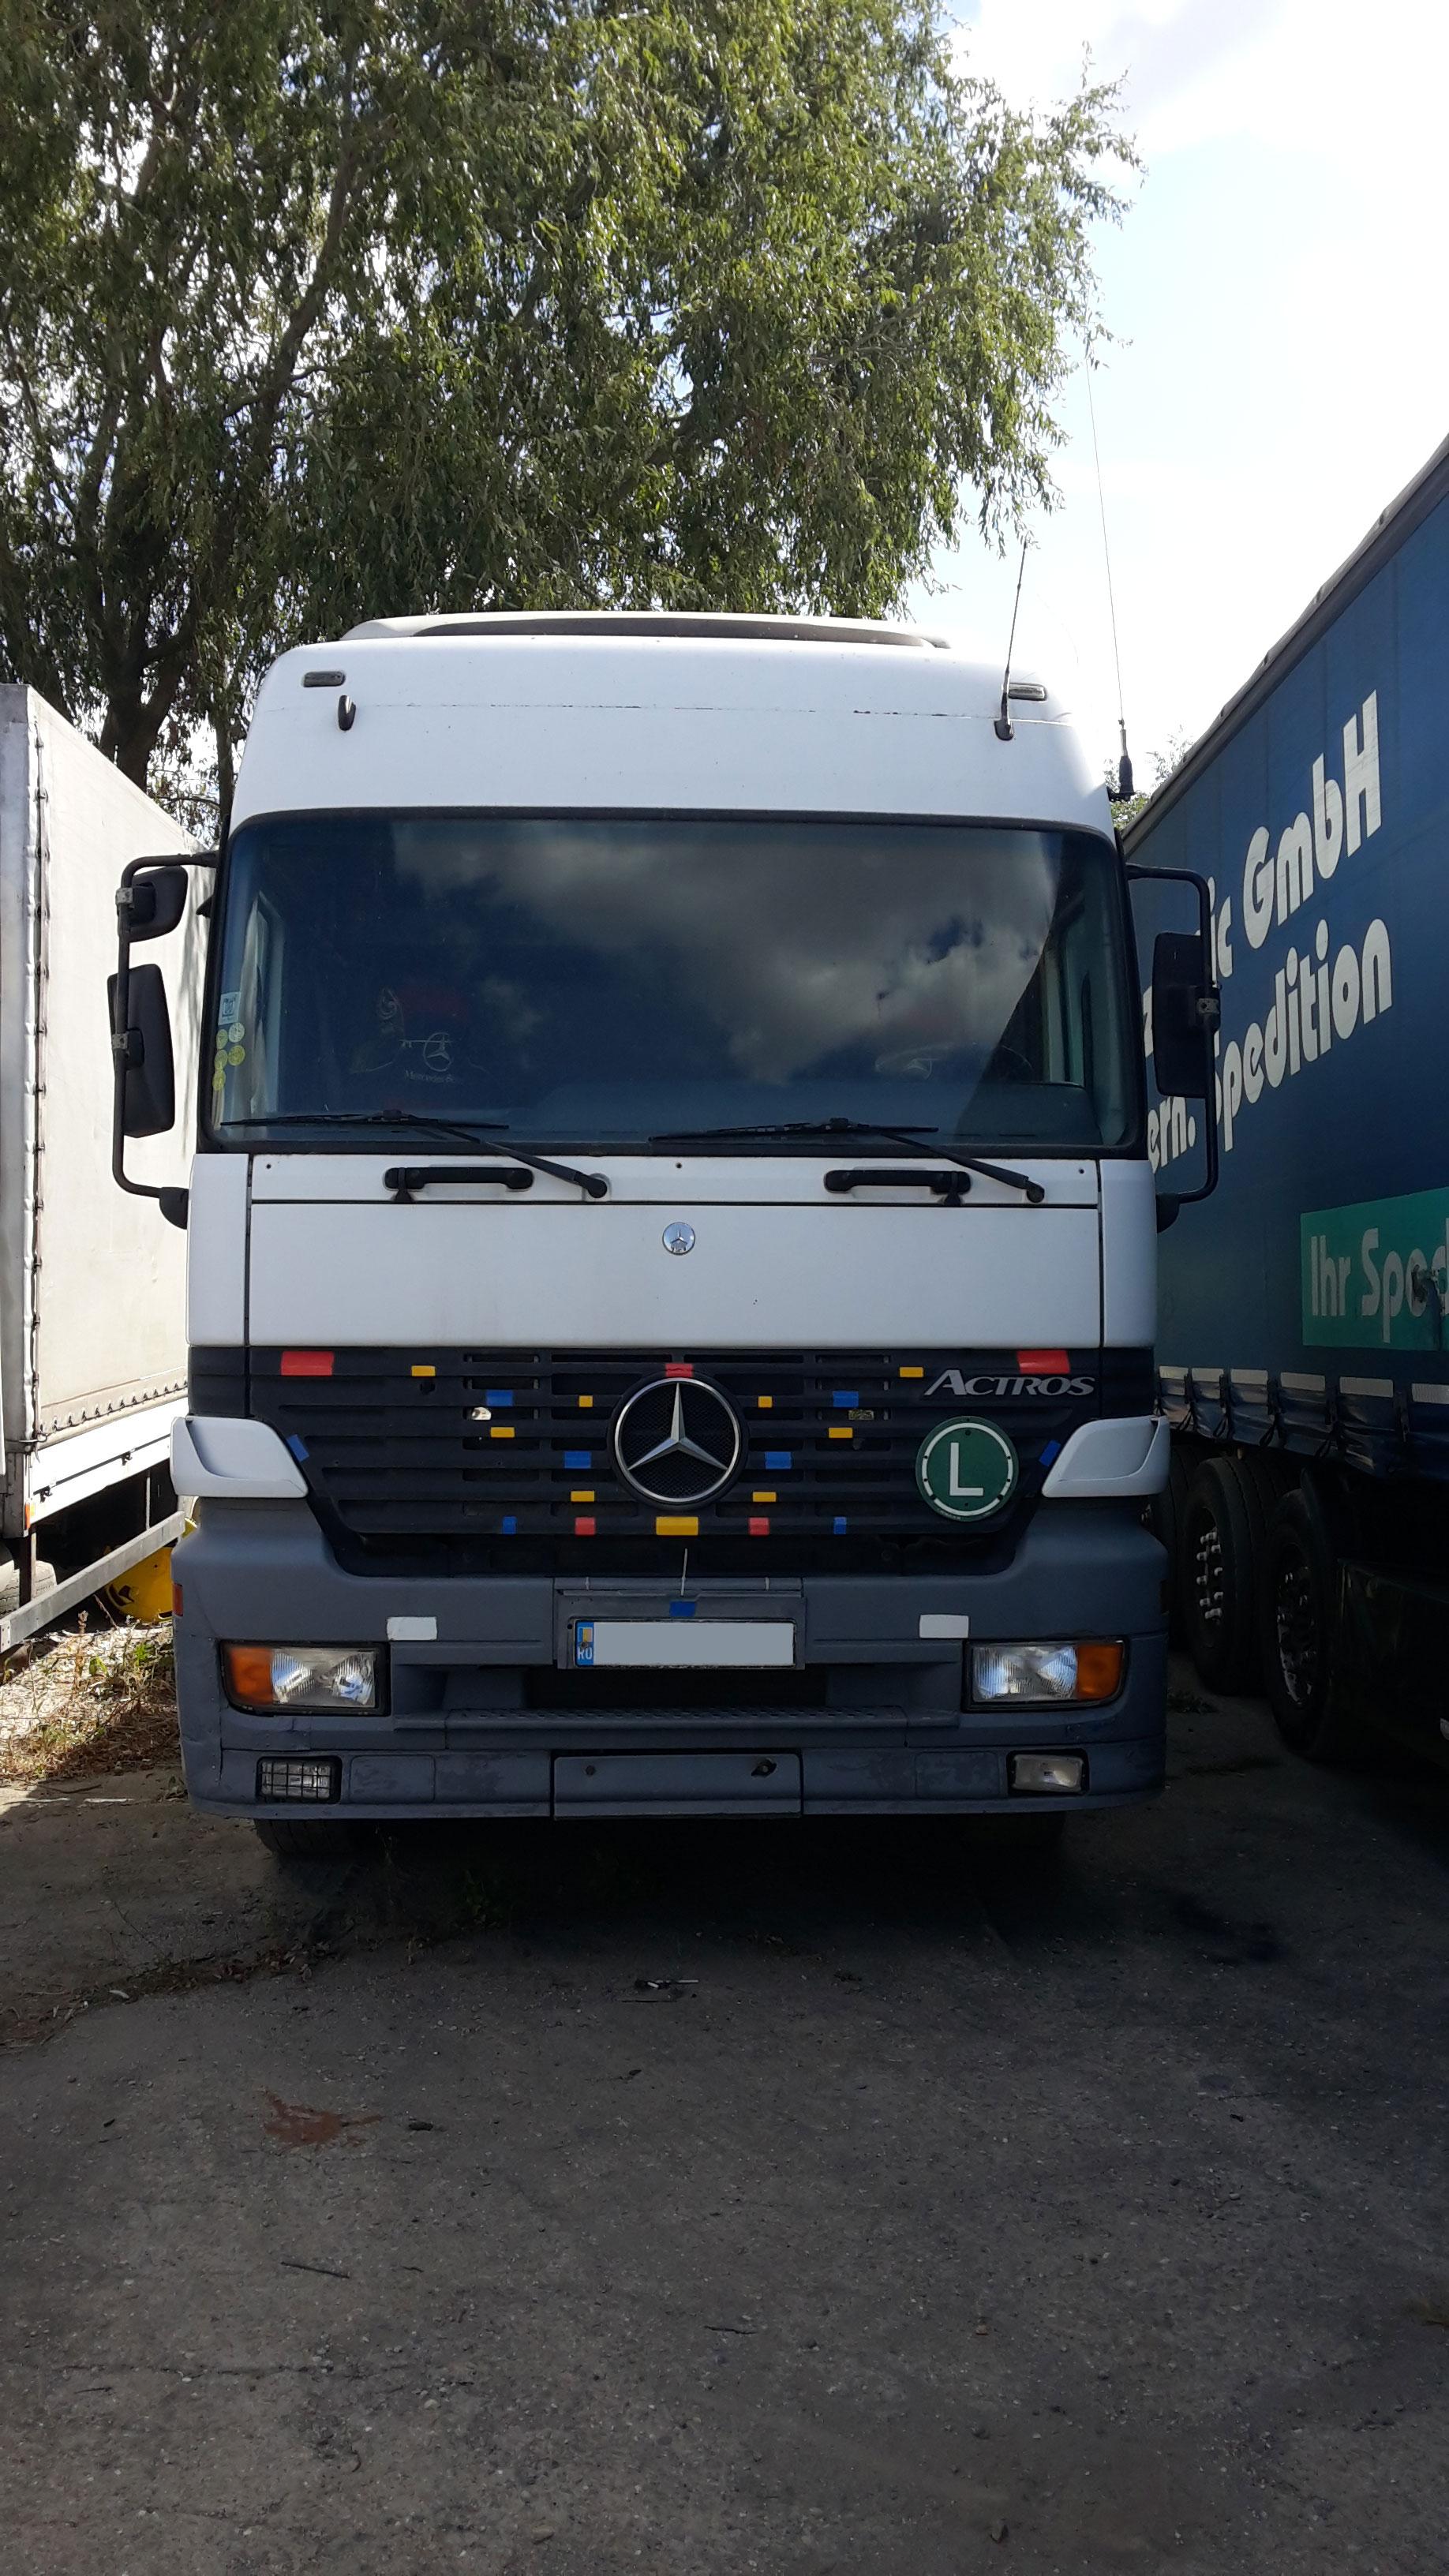 Vand cap tractor Mercedes-Benz Actros 1840. Tel: 0726770327